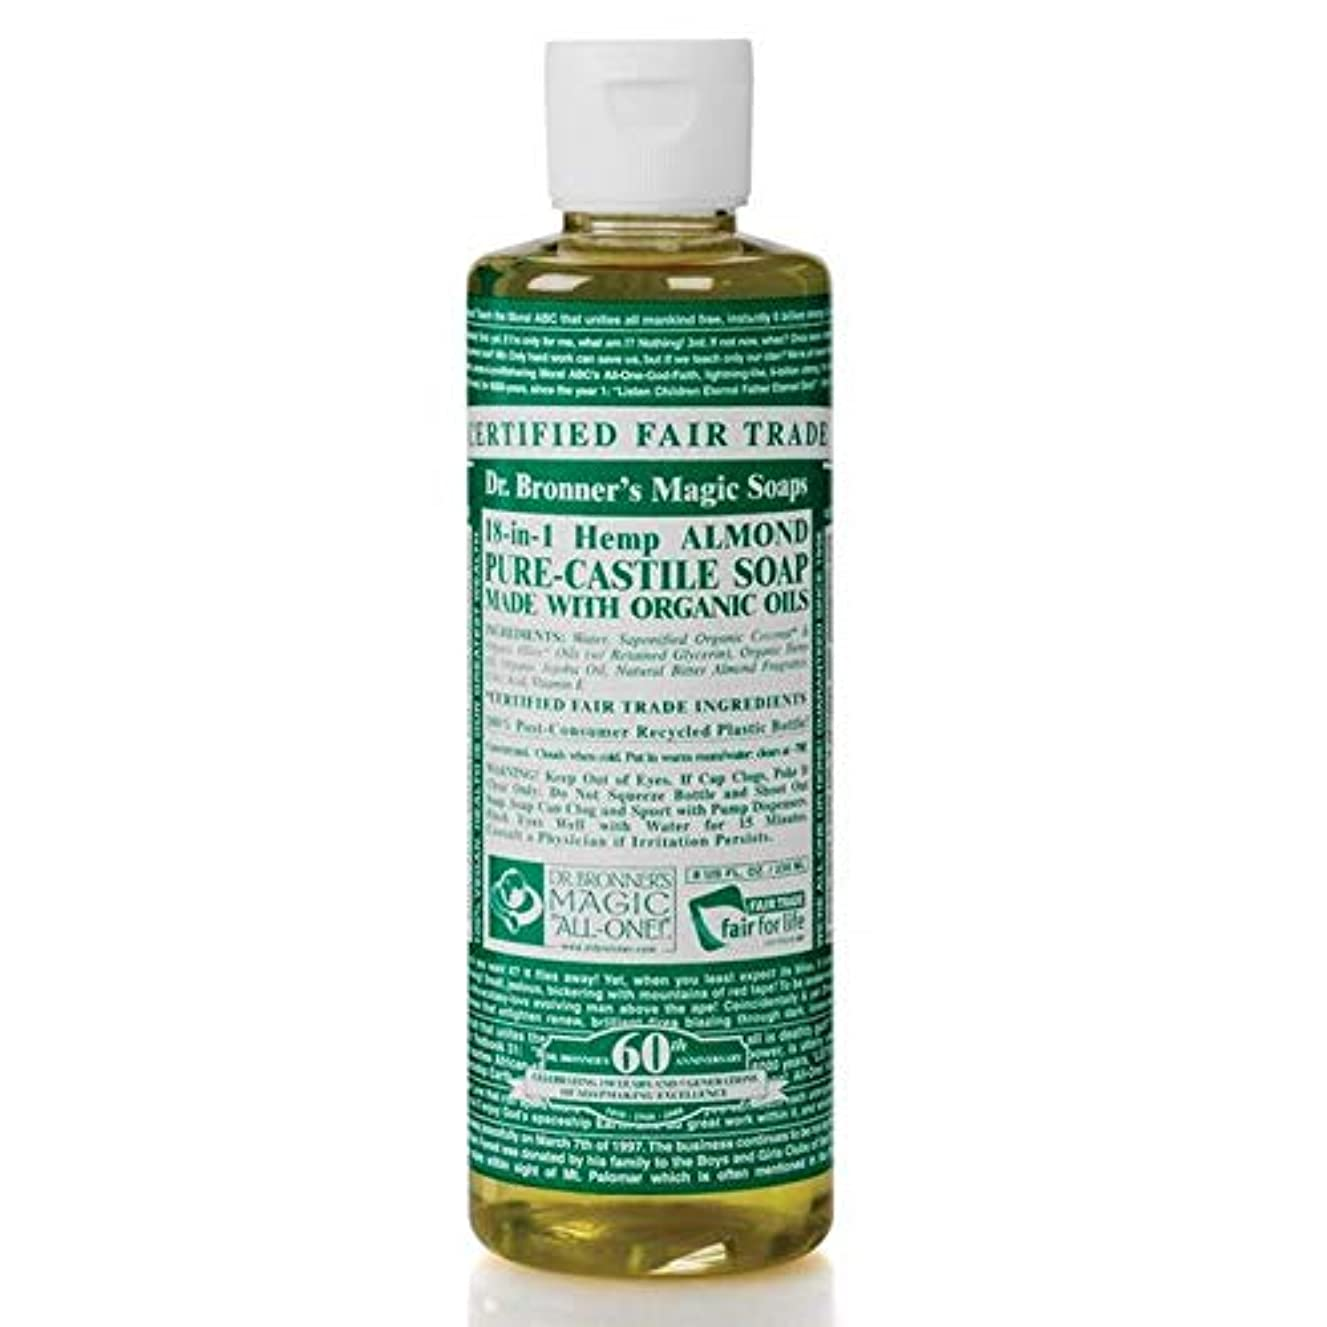 絶対のご注意釈義[Dr Bronner] Dr。ブロナーズ有機アーモンドカスティーリャ液体石鹸473ミリリットル - Dr. Bronner's Organic Almond Castile Liquid Soap 473ml [並行輸入品]